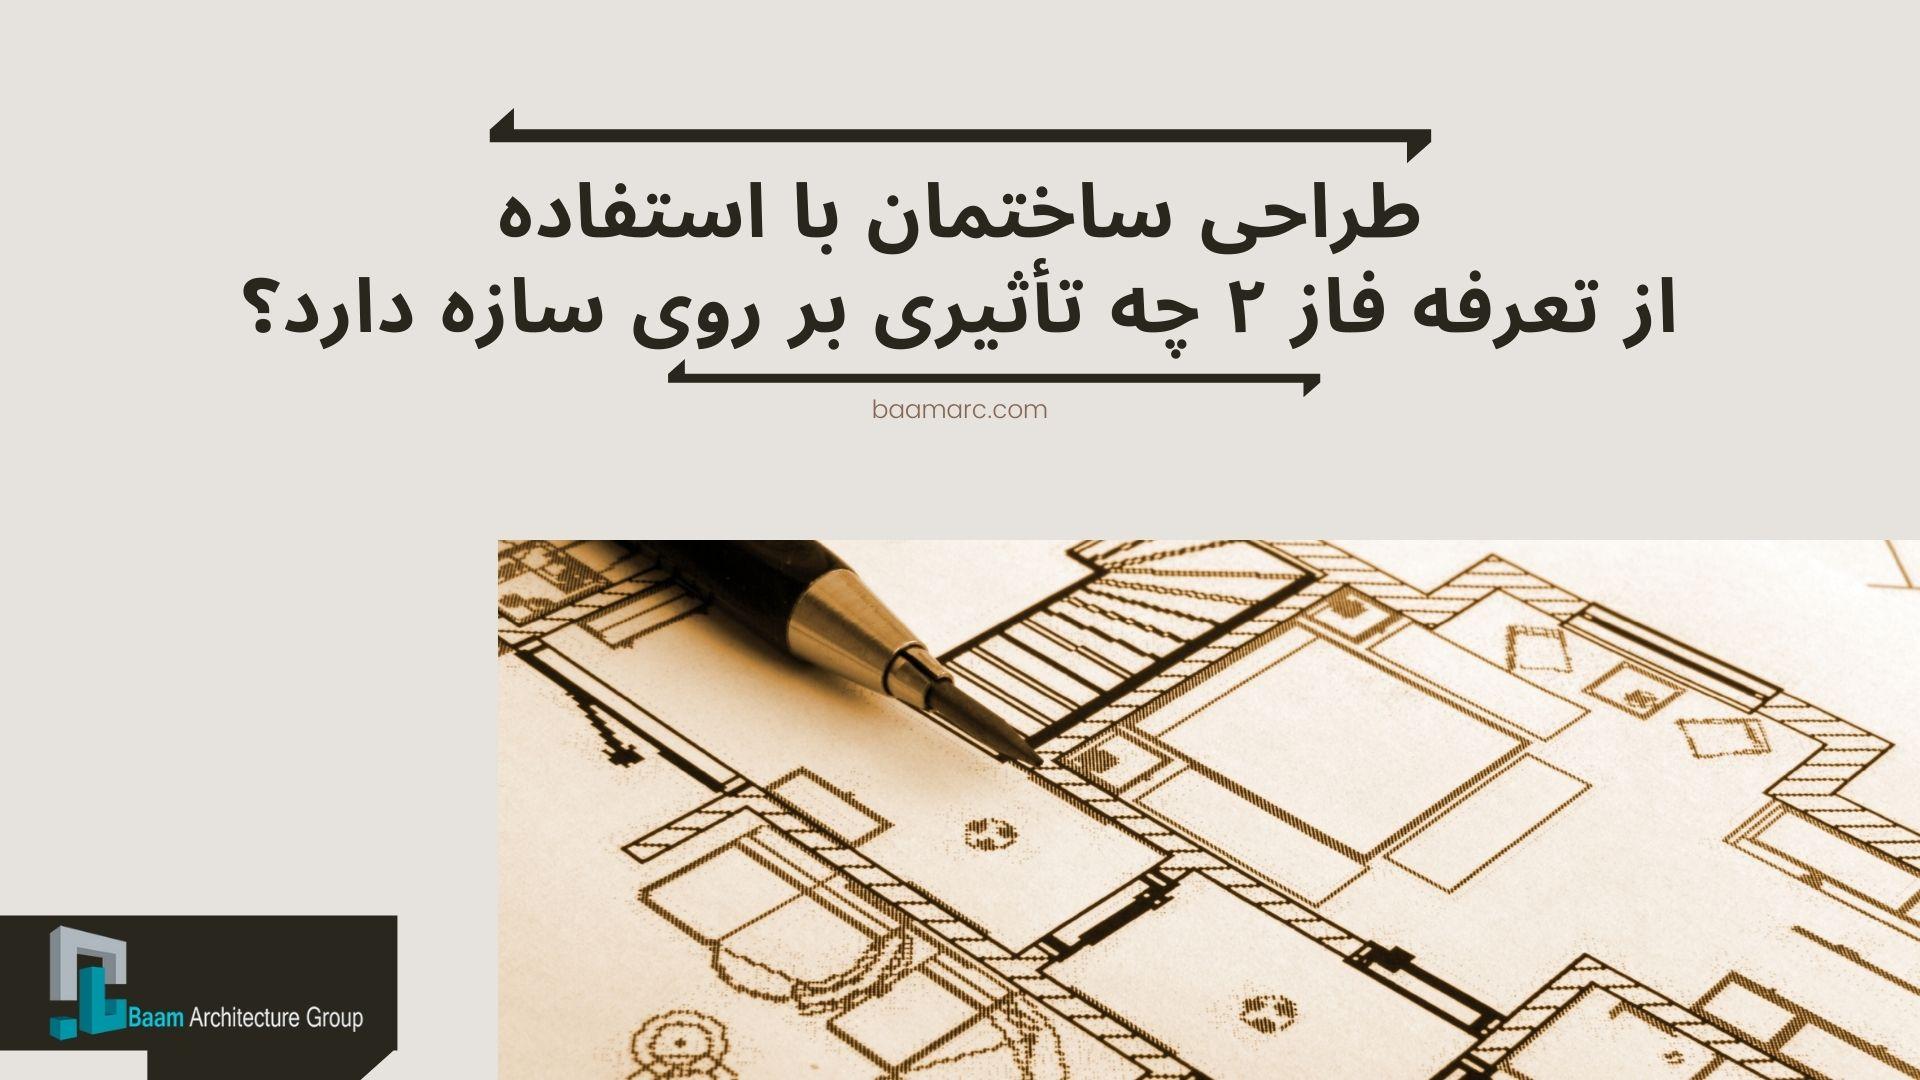 طراحی ساختمان با استفاده از تعرفه فاز 2 معماری چه تأثیری بر روی سازه دارد؟